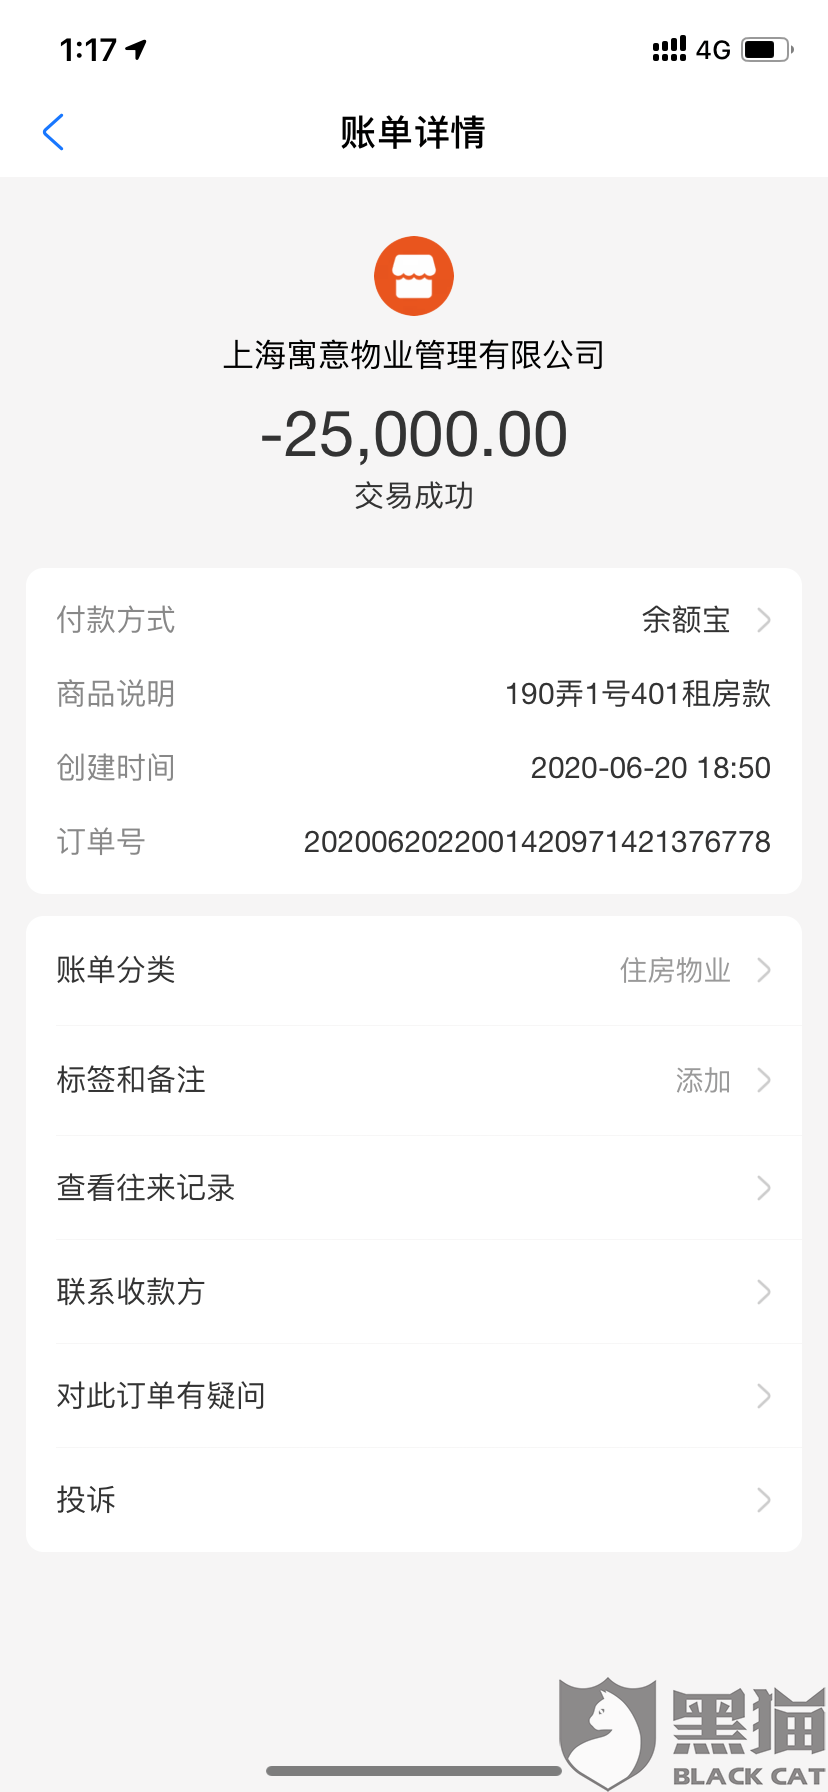 黑猫投诉:巢客遇家/上海寓意物业管理有限公司 隐瞒房屋发生非正常死亡事件